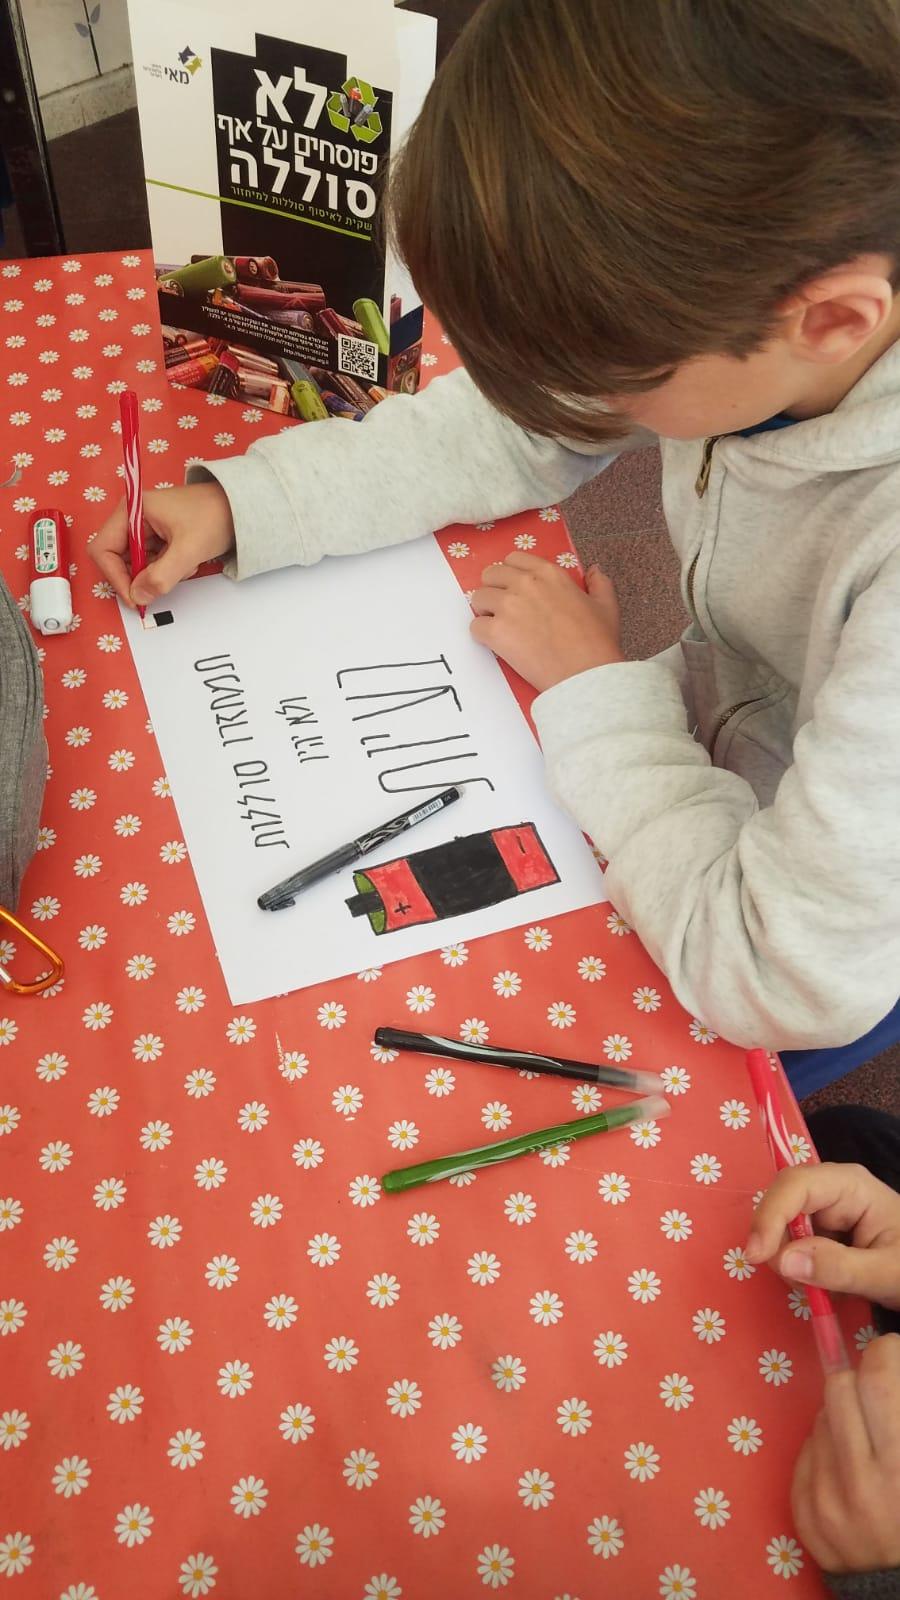 פרויקט הסברה בהובלת ילדי בית הספר